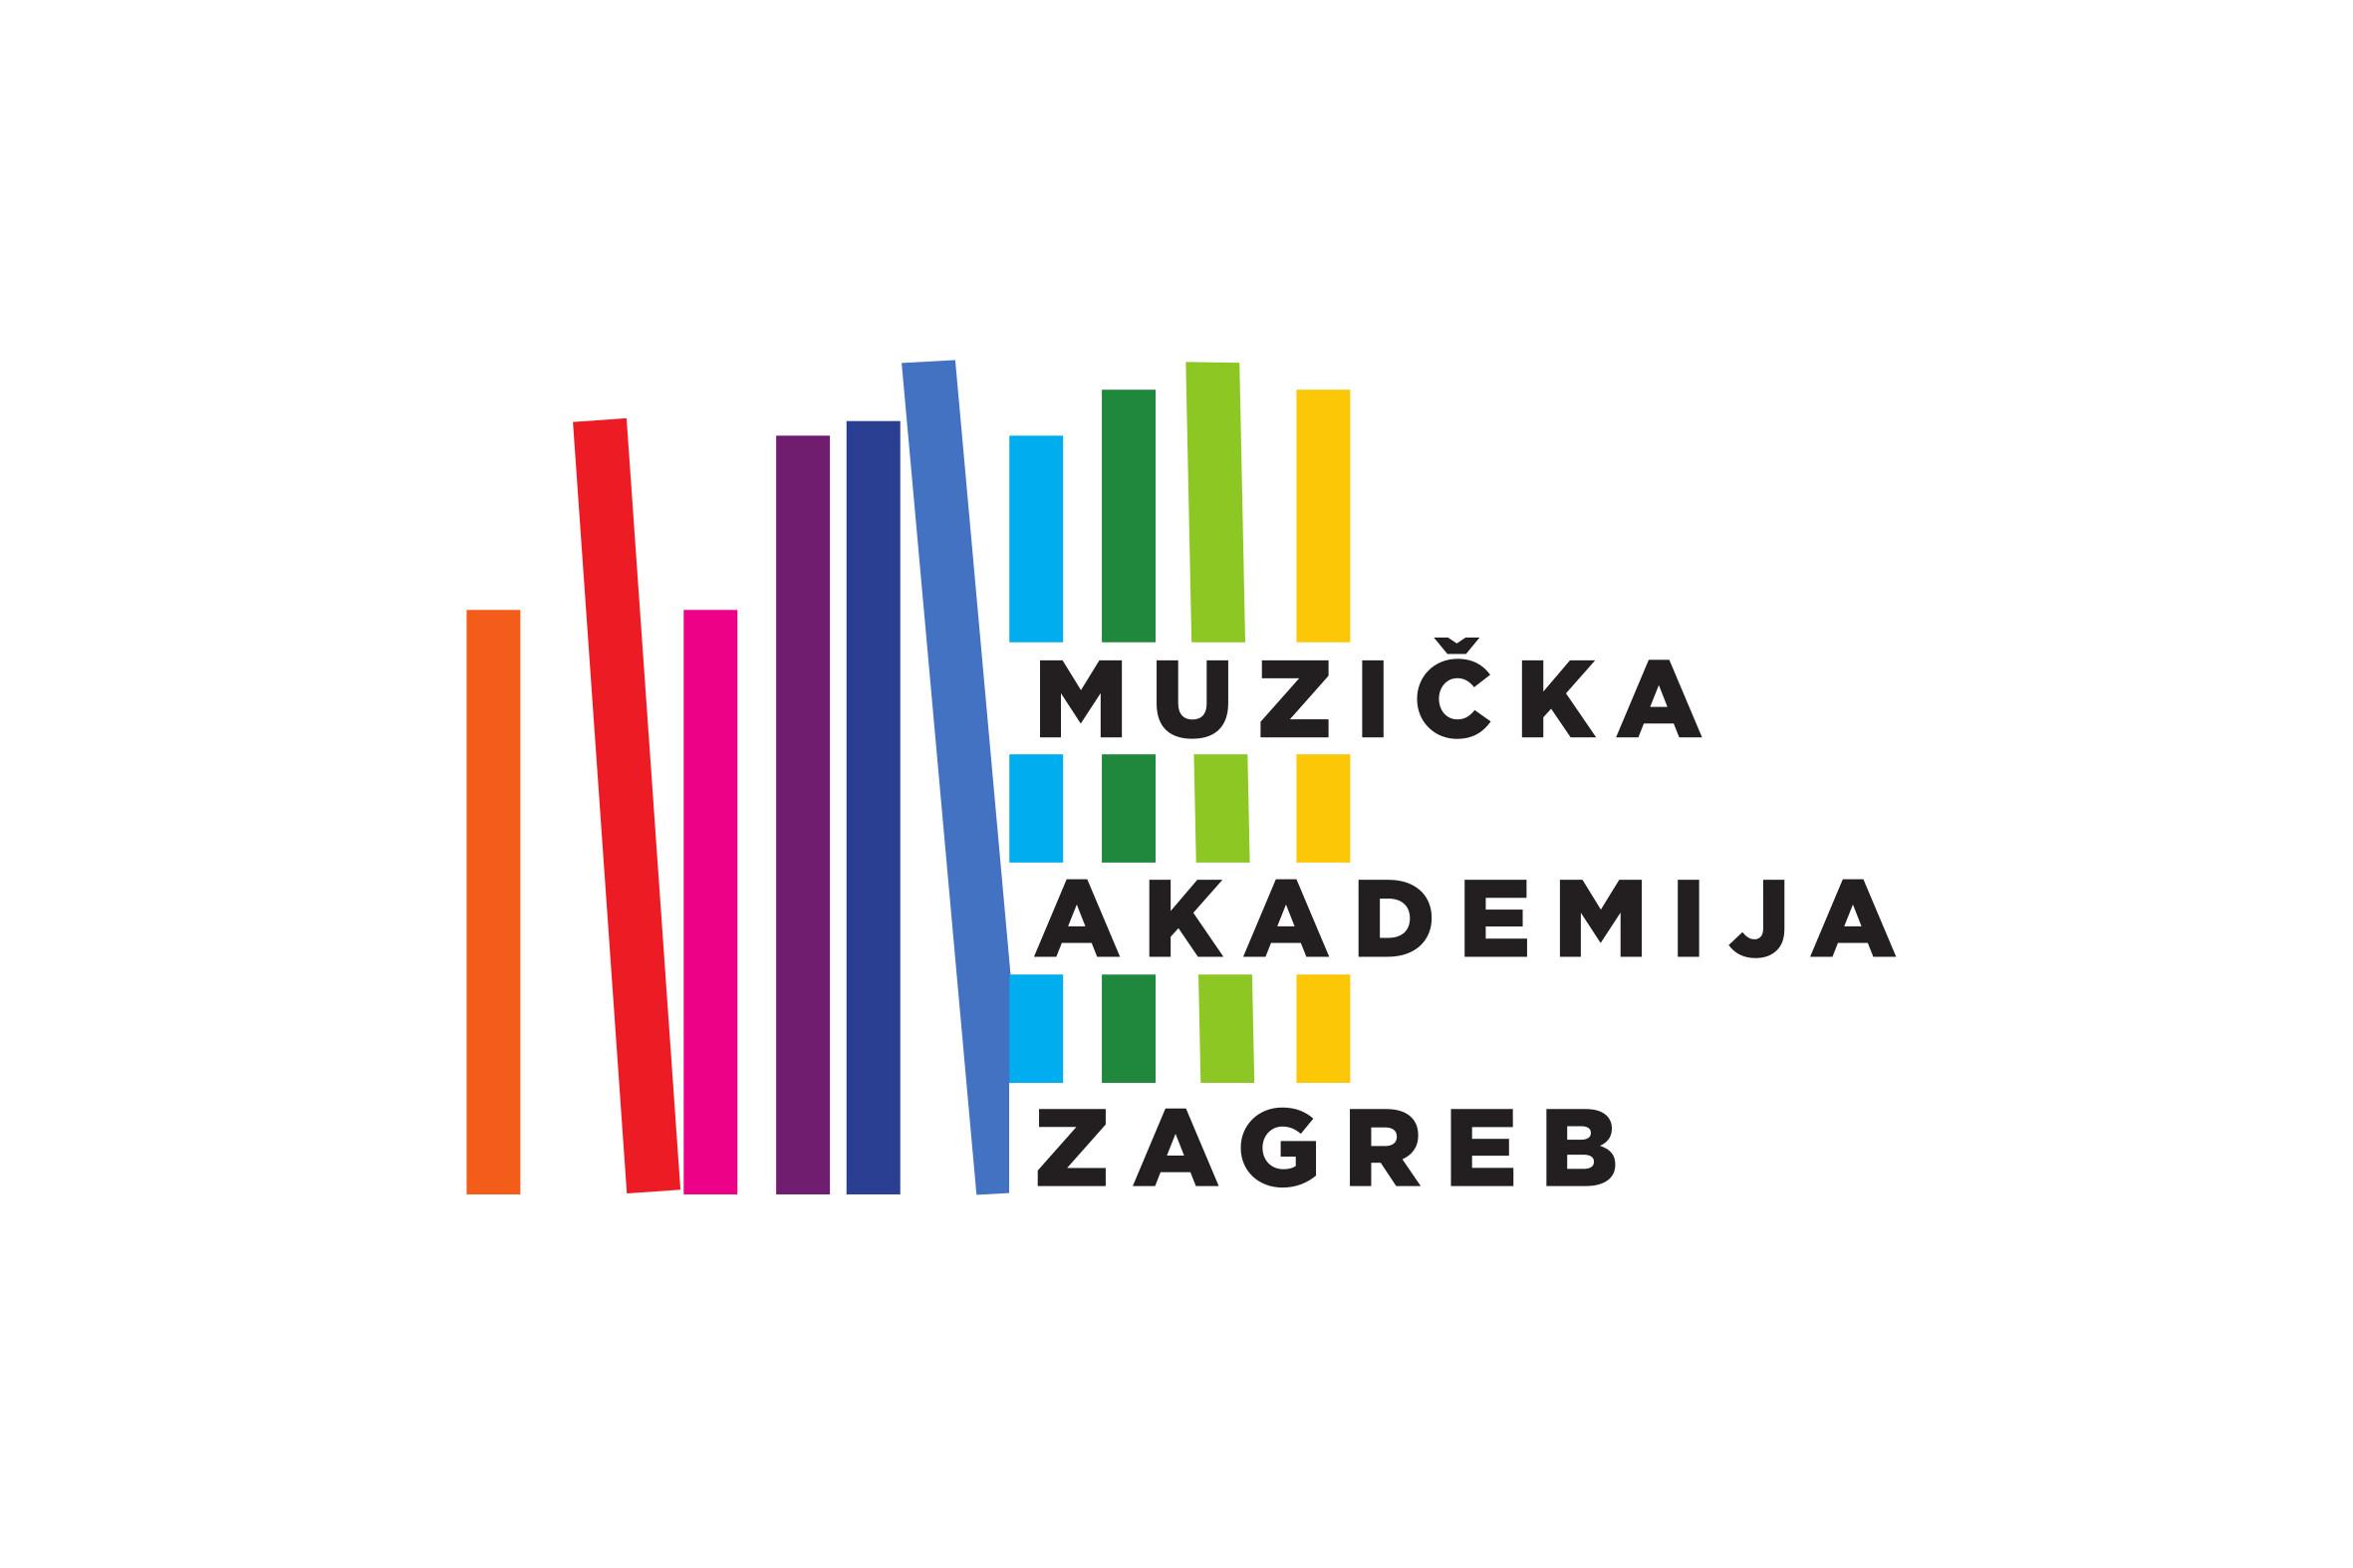 Muzička akademija Zagreb